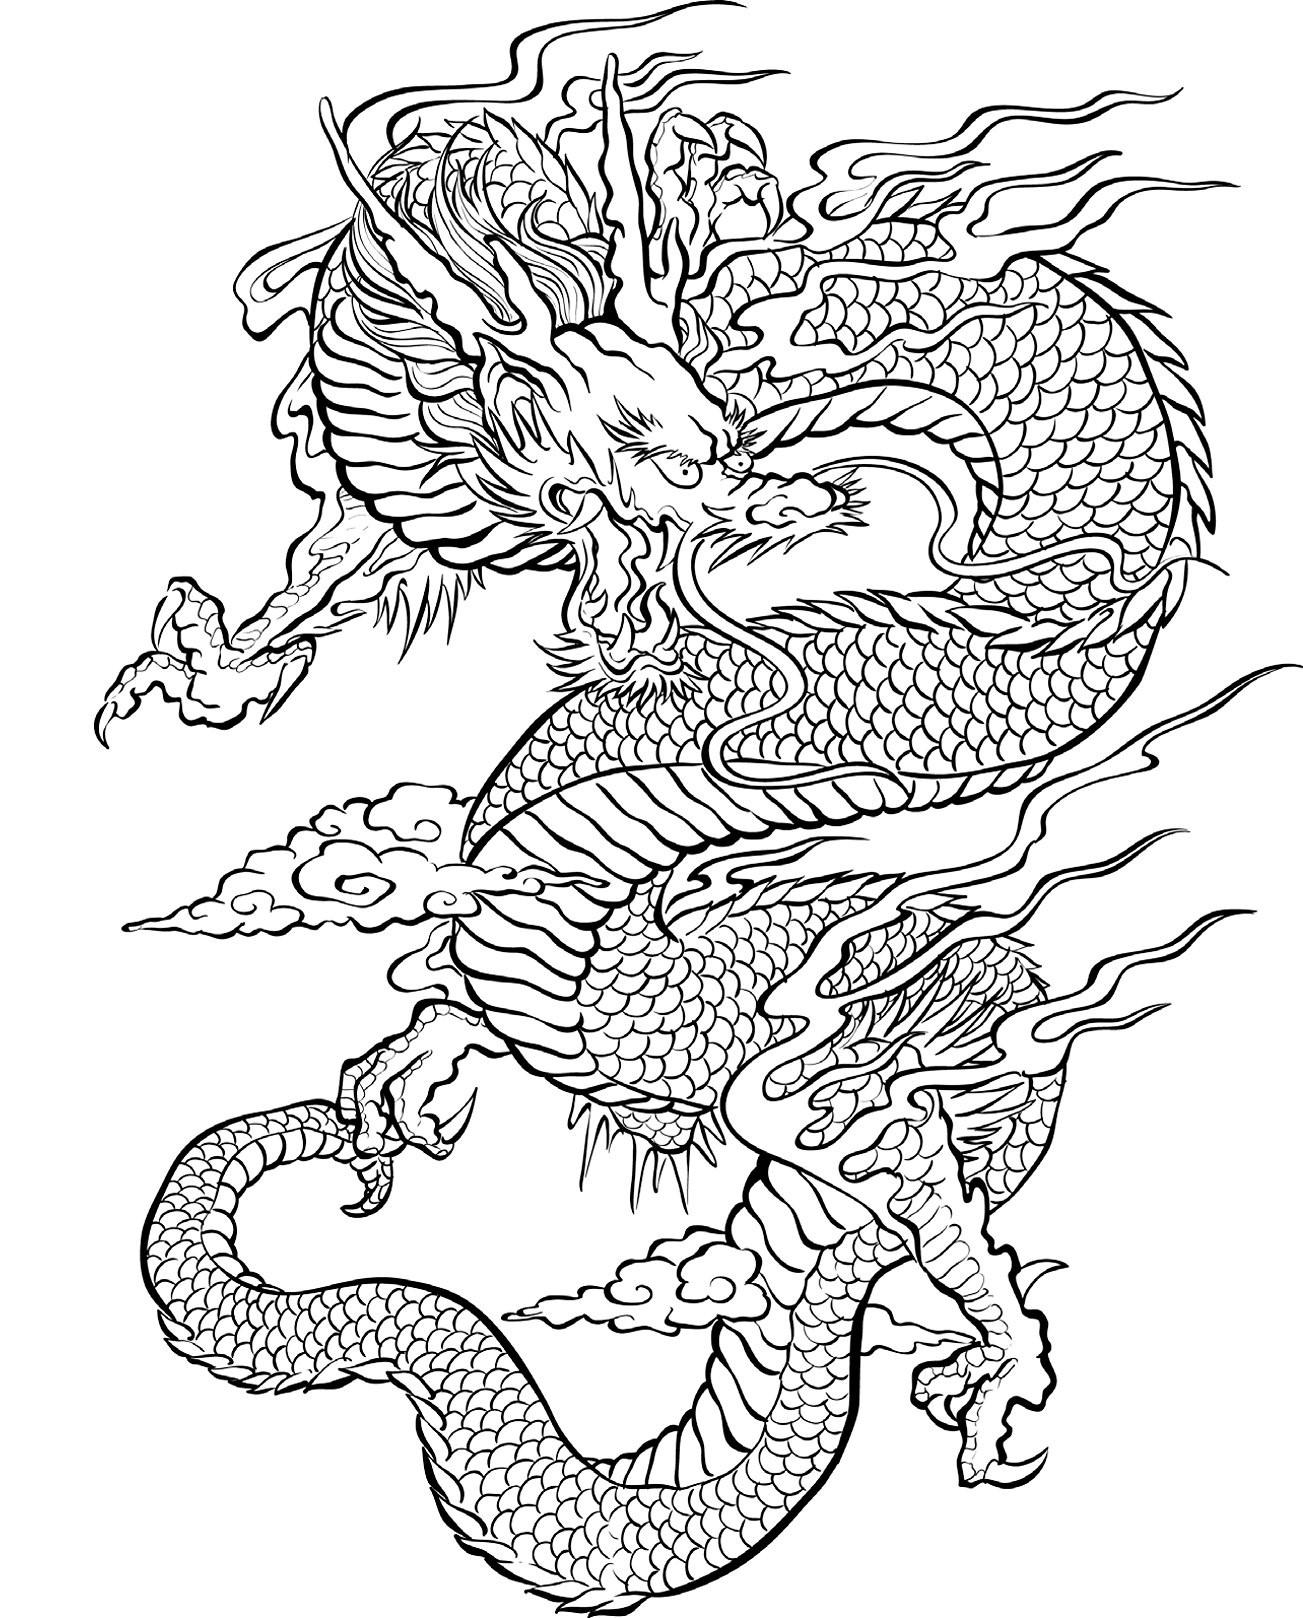 Китайский дракон - Драконы - Раскраски антистресс